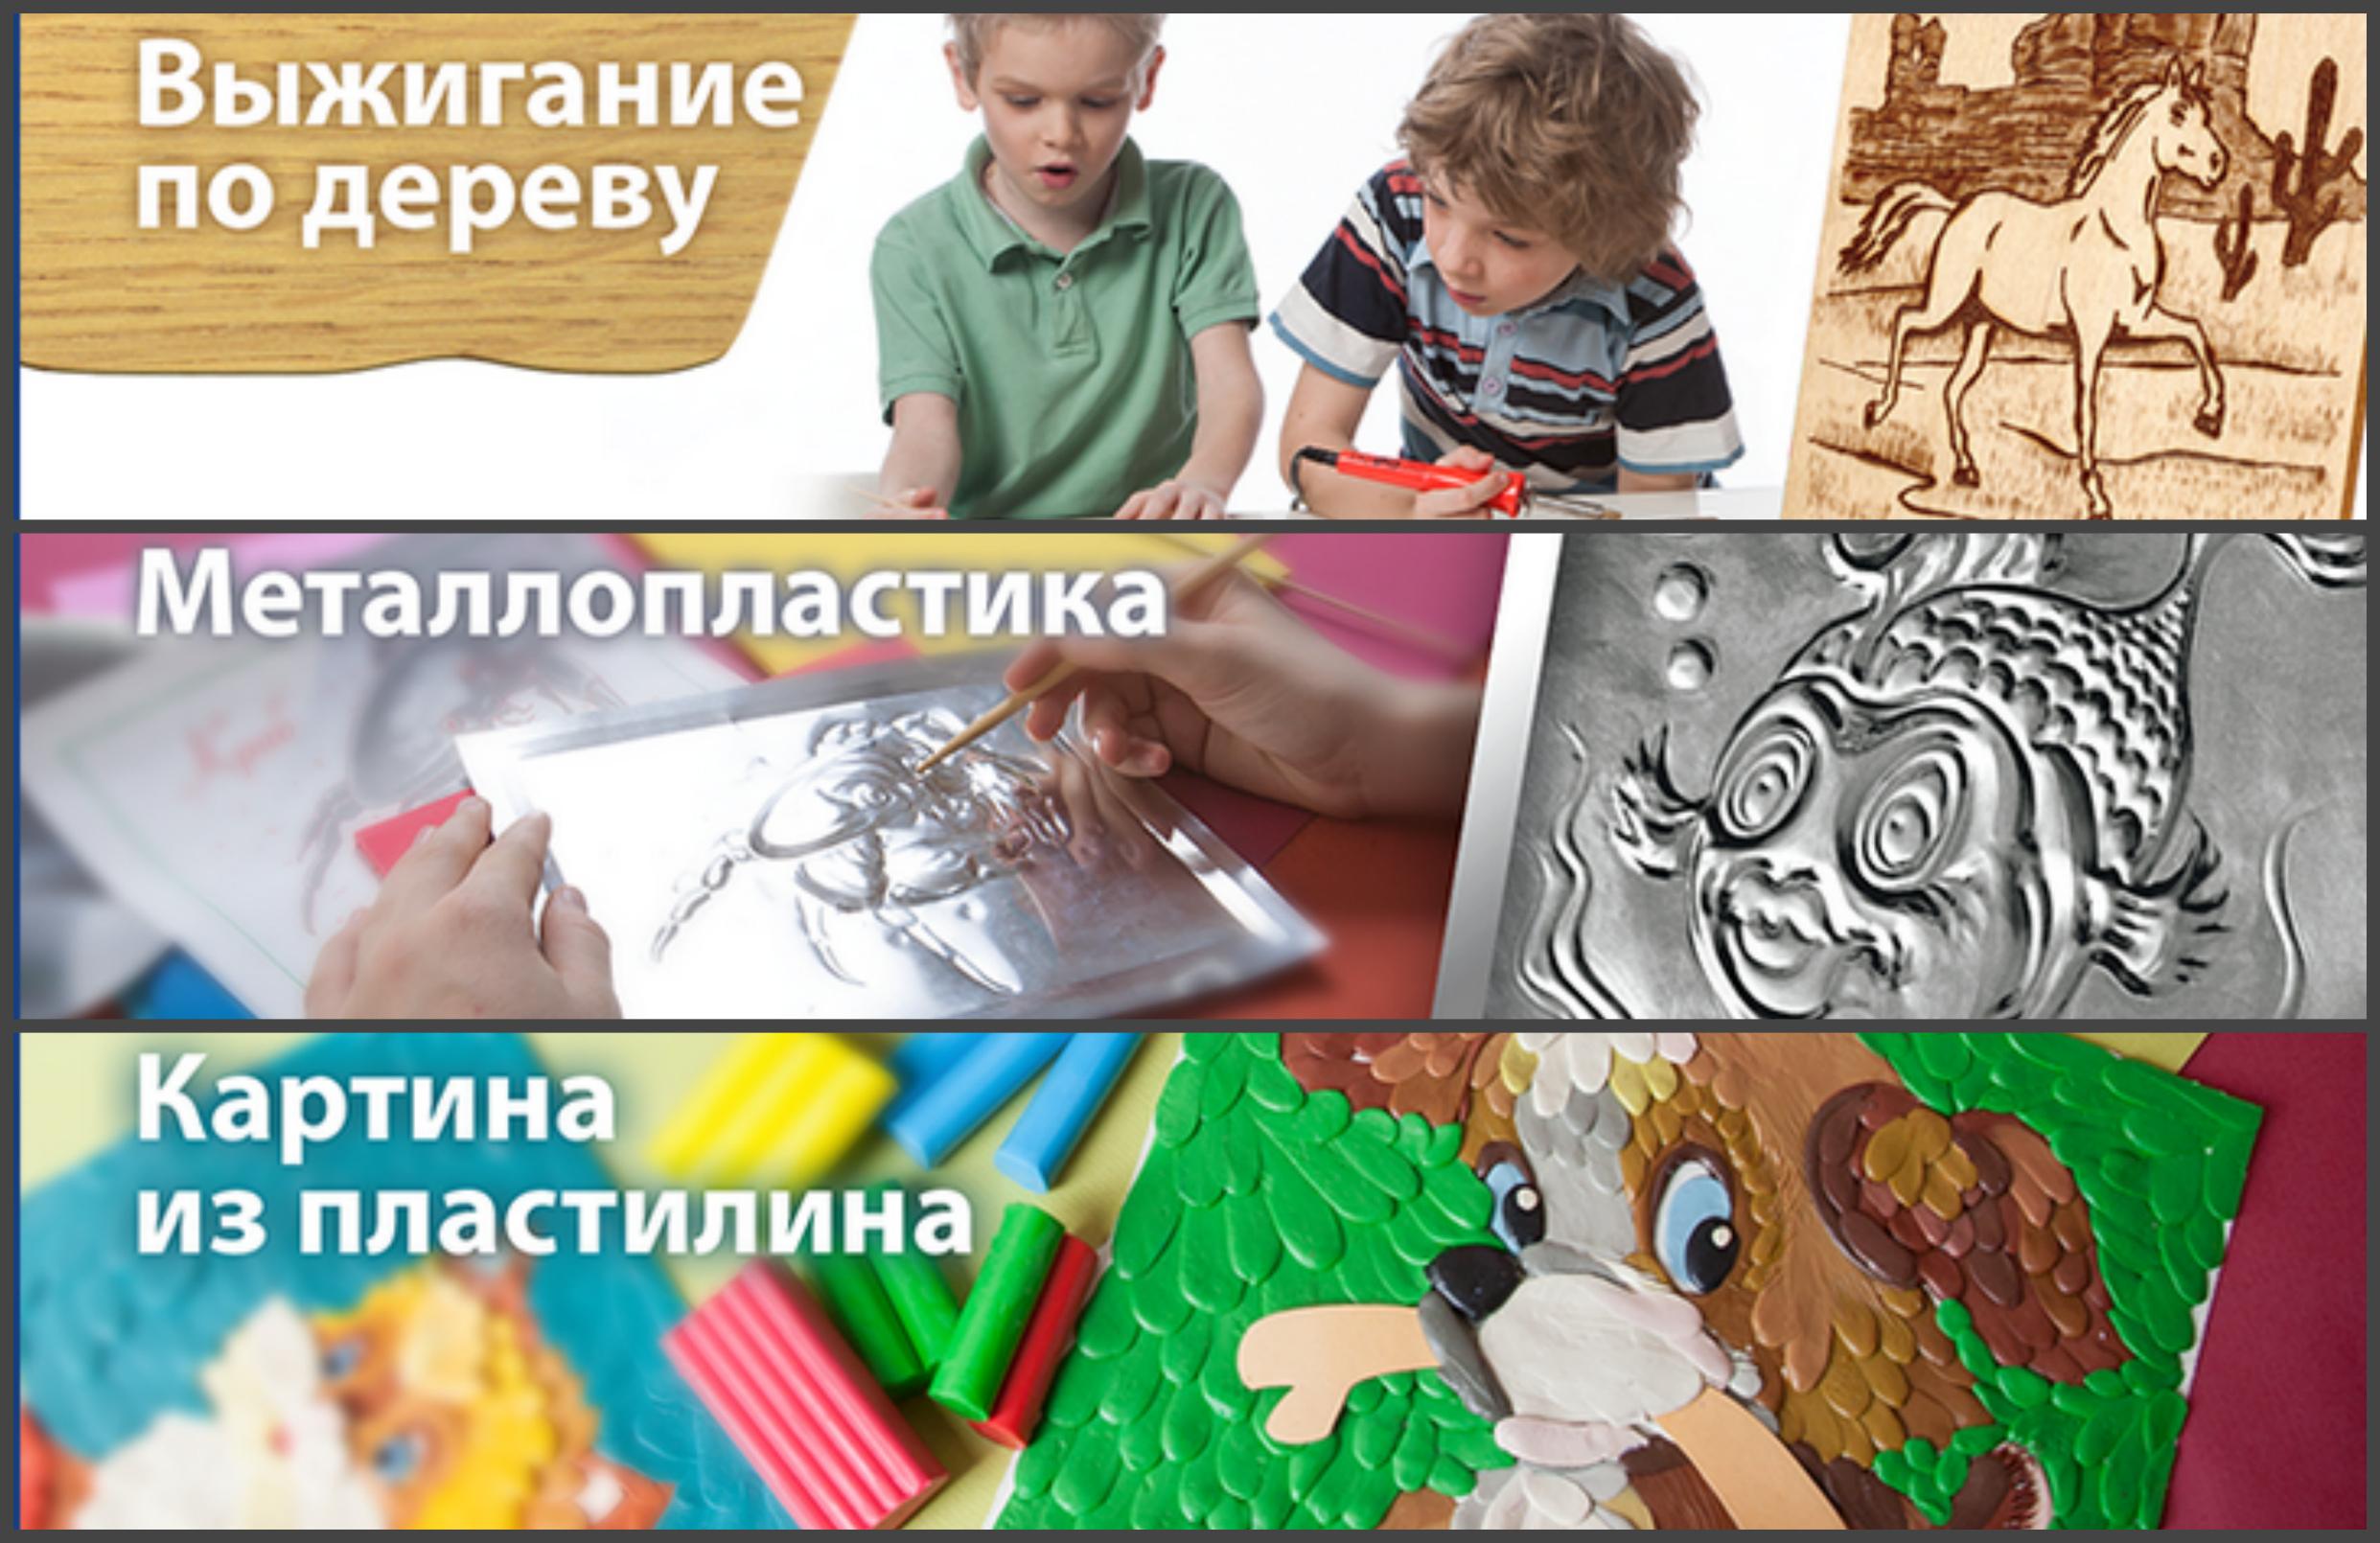 Сбор заказов . Все для развития детей от ТМ Фантазеры. Выжигание , гончар, аппликации , лепка , фрески , гравюры